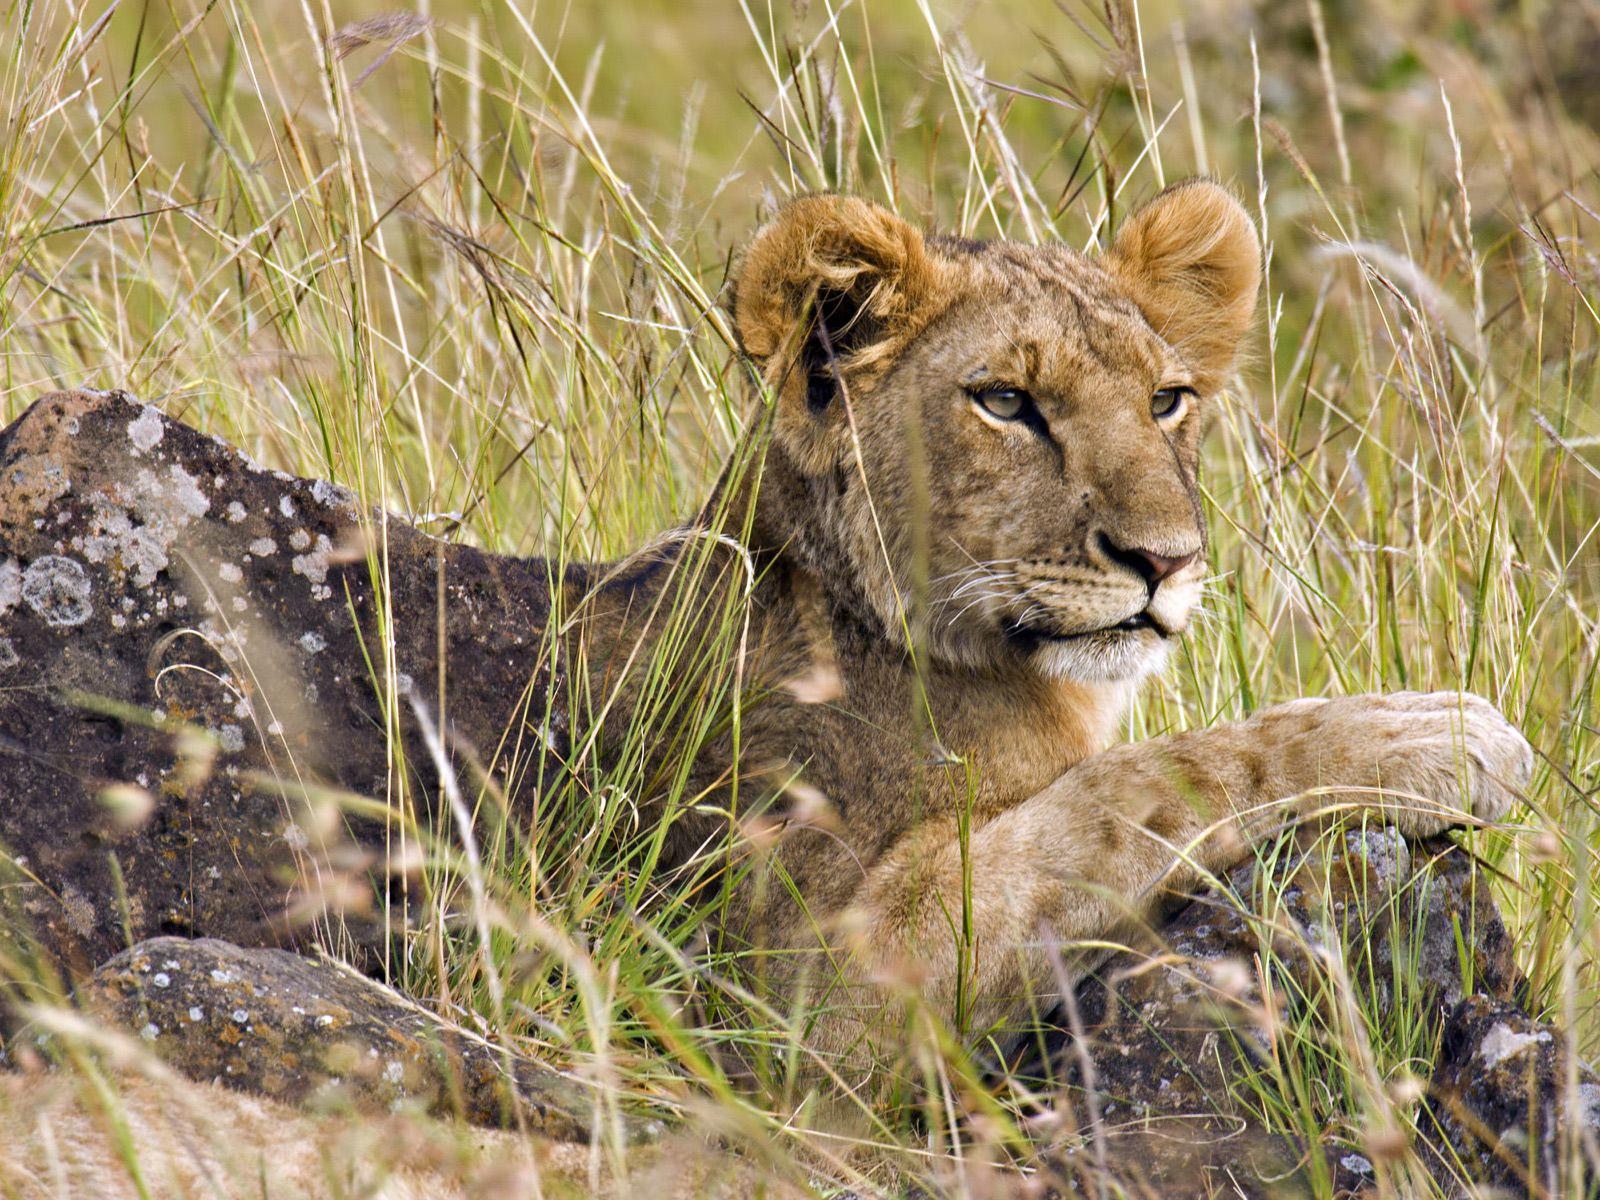 http://1.bp.blogspot.com/-nKtpsbYQNQE/UFbqdC9_DoI/AAAAAAAAFJI/53VyrXBxzBo/s1600/lion+wallpaper+45.jpg